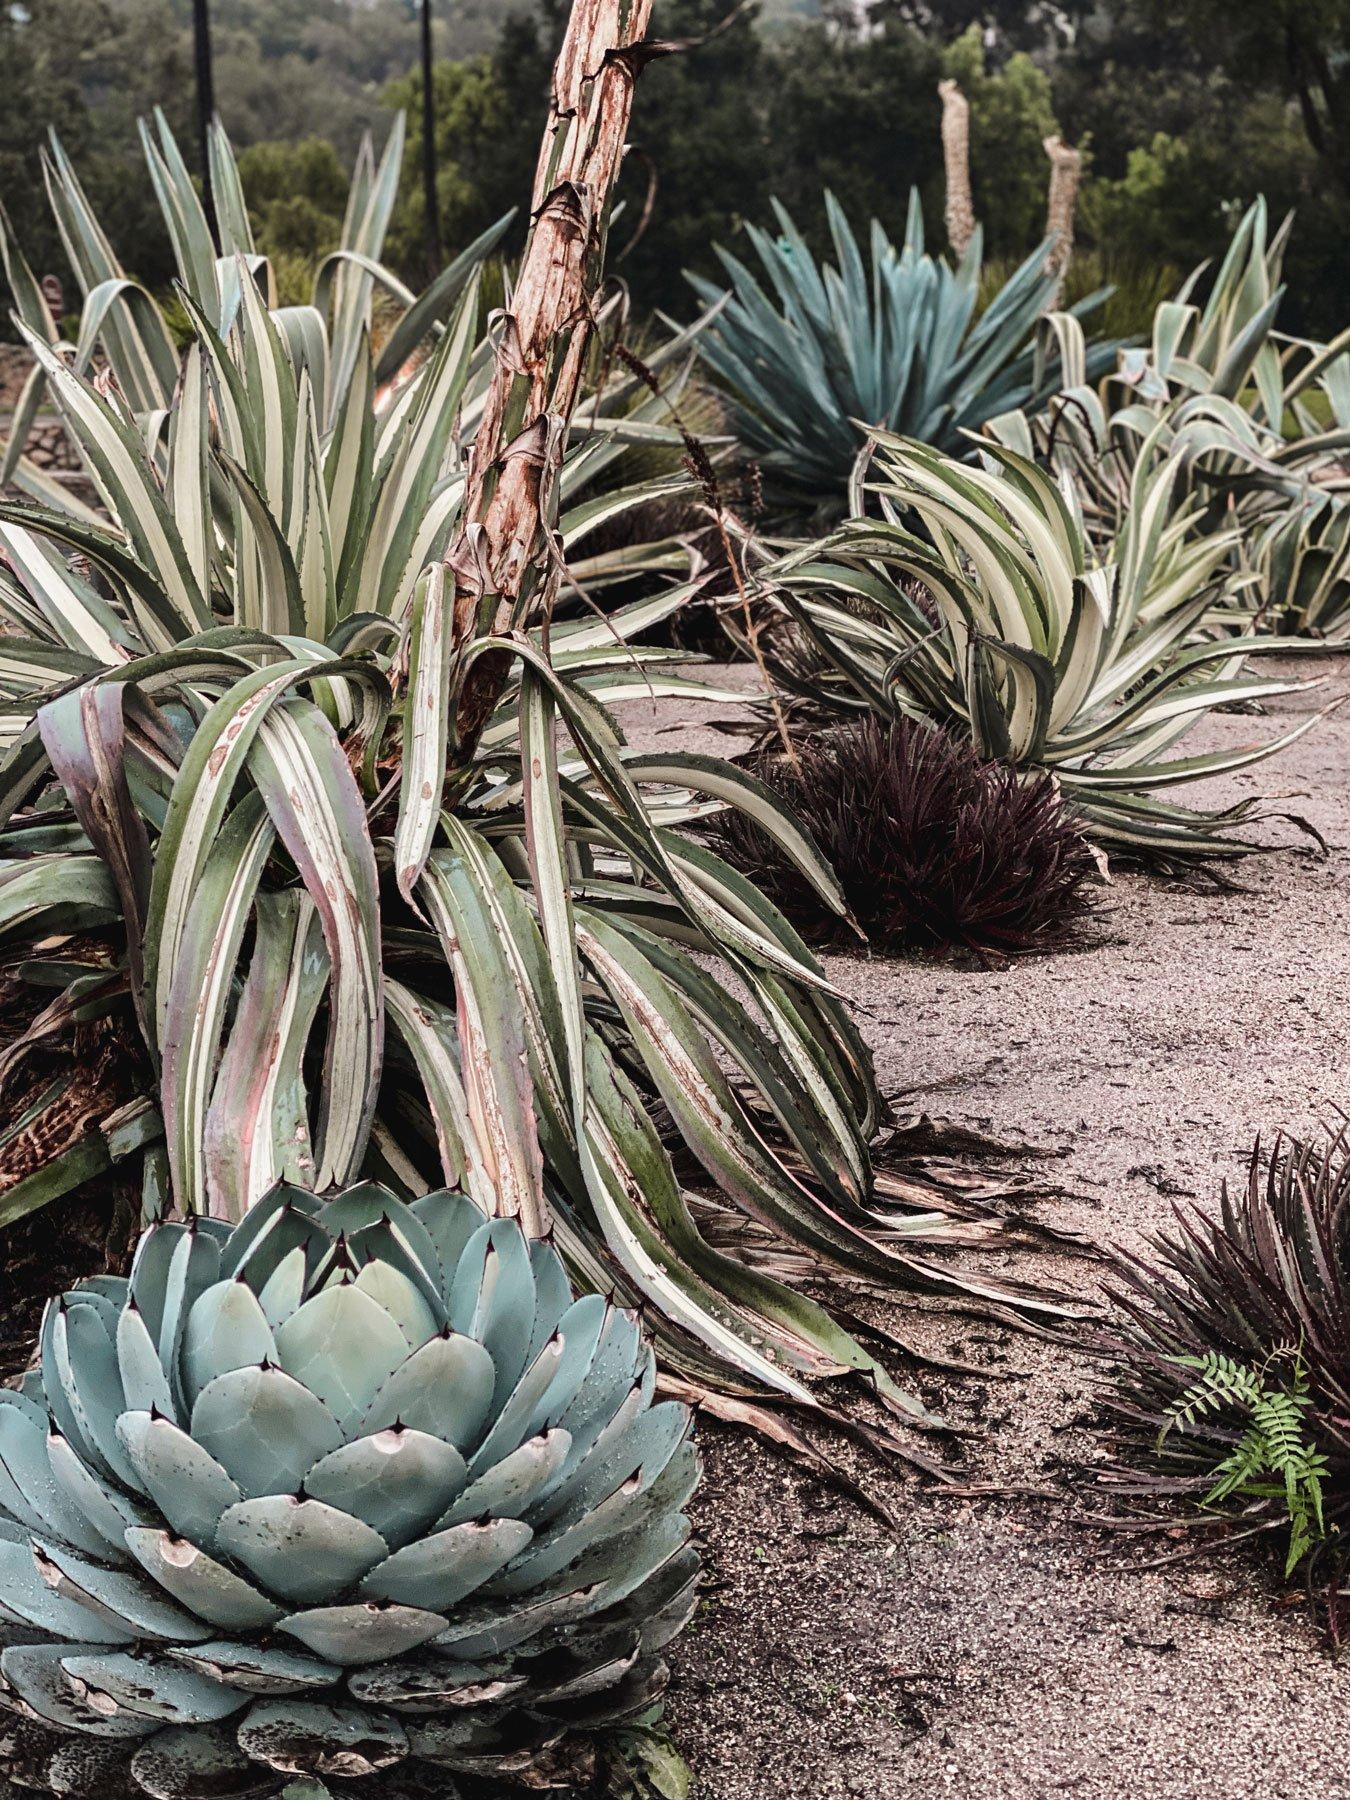 Cacti garden at Old Mission Santa Barbara